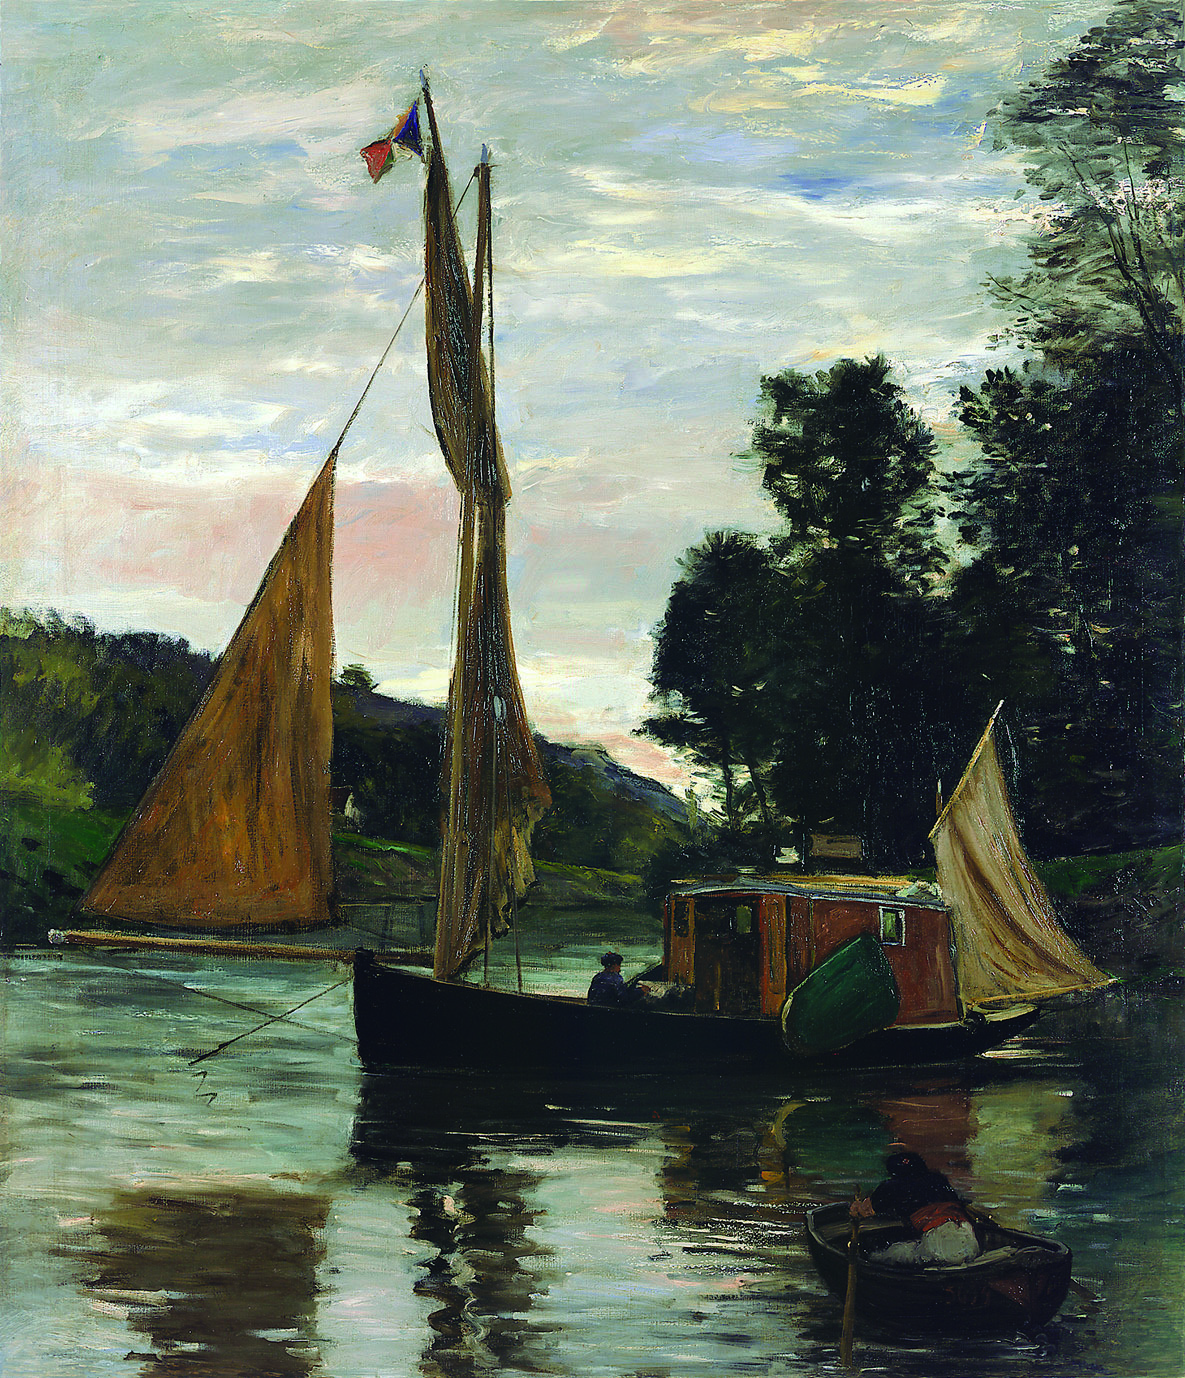 シャルル=フランソワ・ドービニー 《ボッタン号》 1869年頃 油彩/カンヴァス 171.5×147㎝ フランス、個人蔵 (C)Archives Musées de Pontoise